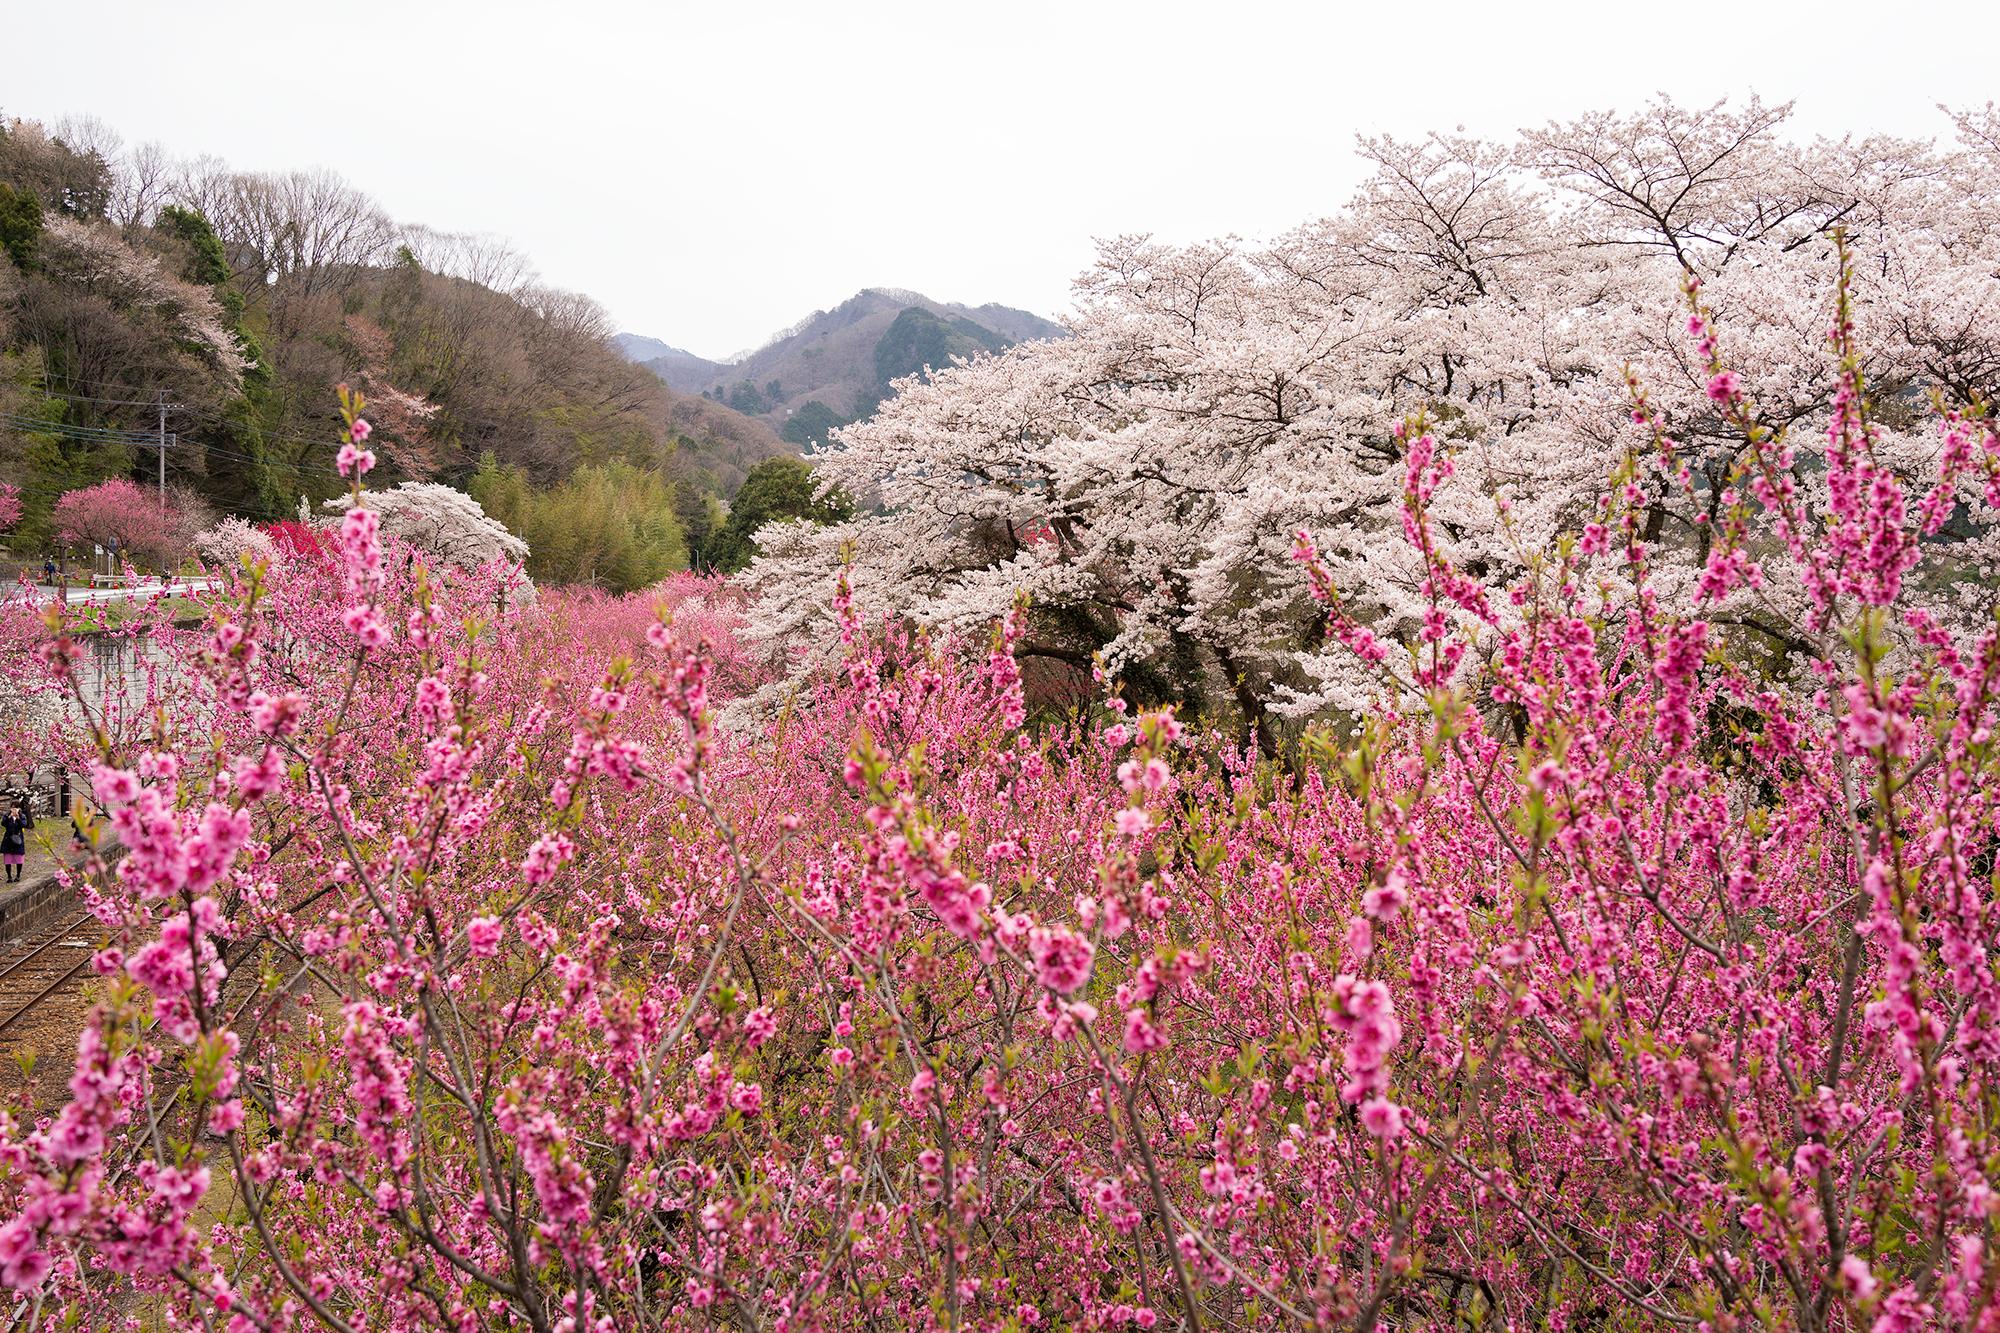 【5】花桃の植樹から20年 山間の桃源郷 わたらせ渓谷鉄道の旅